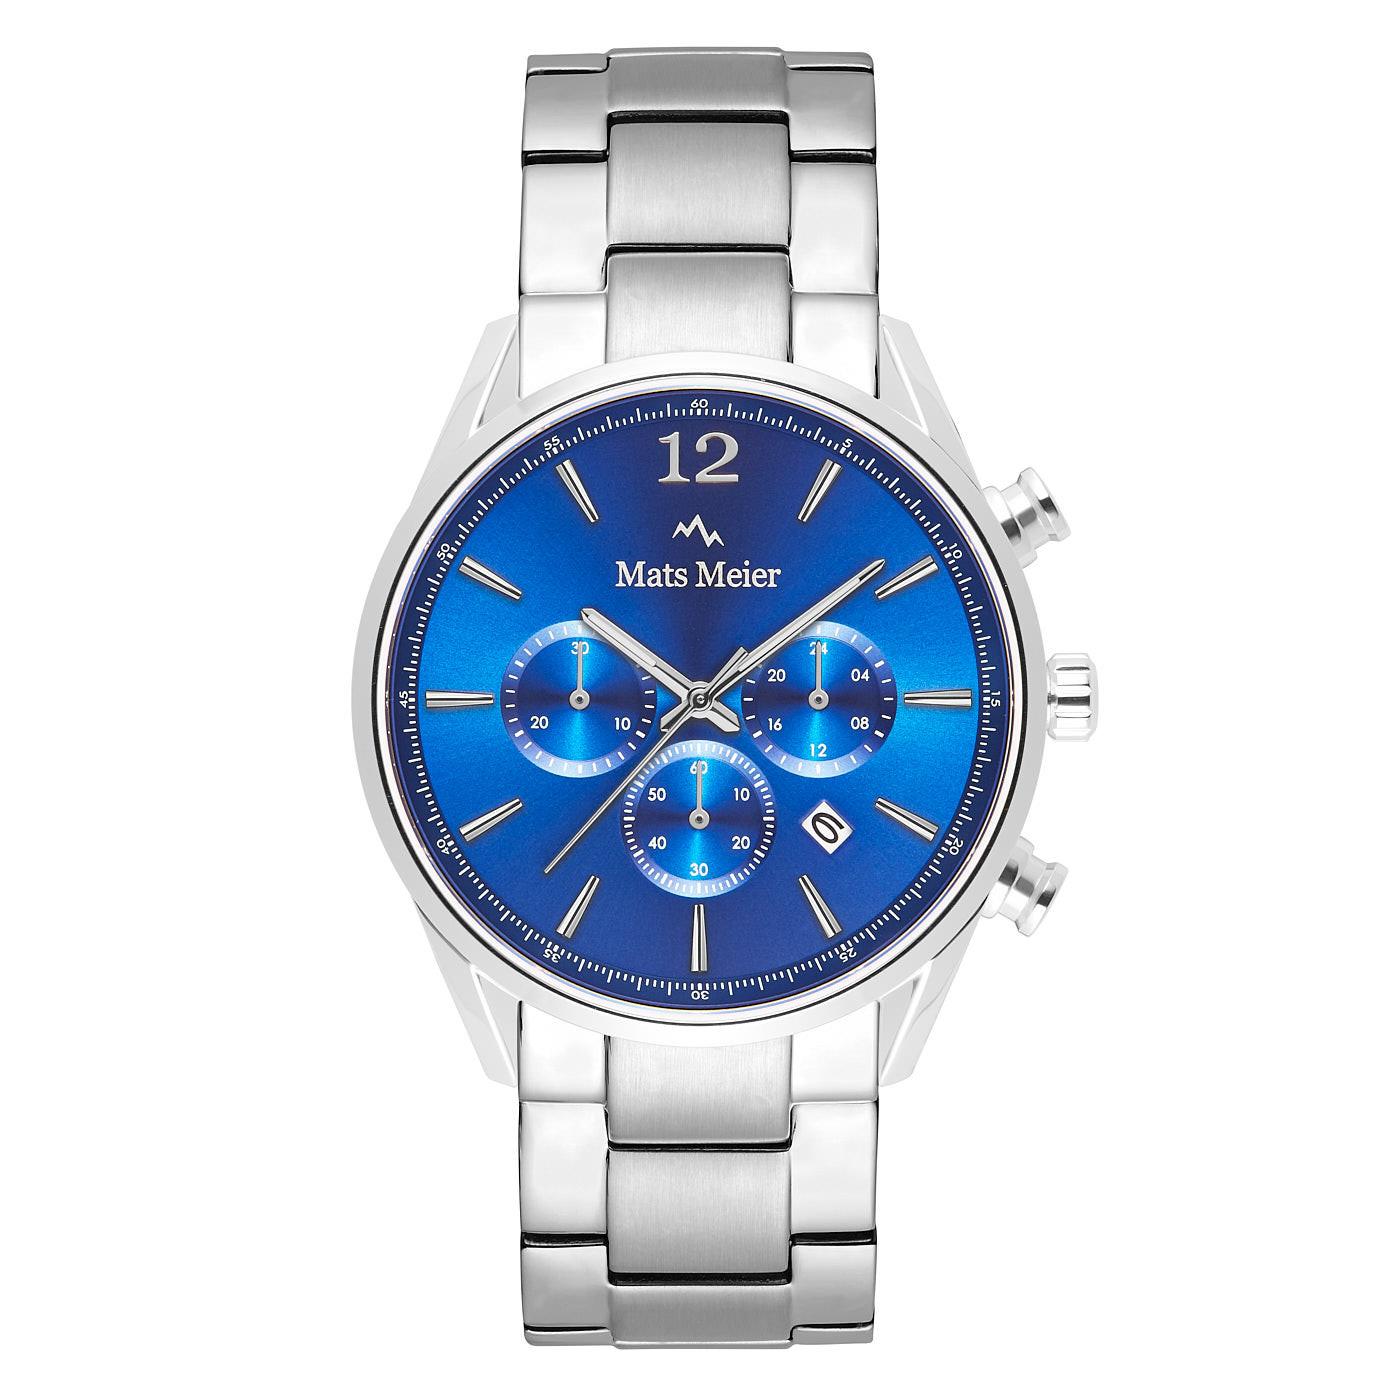 Mats Meier Grand Cornier chronograaf herenhorloge blauw / zilverkleurig